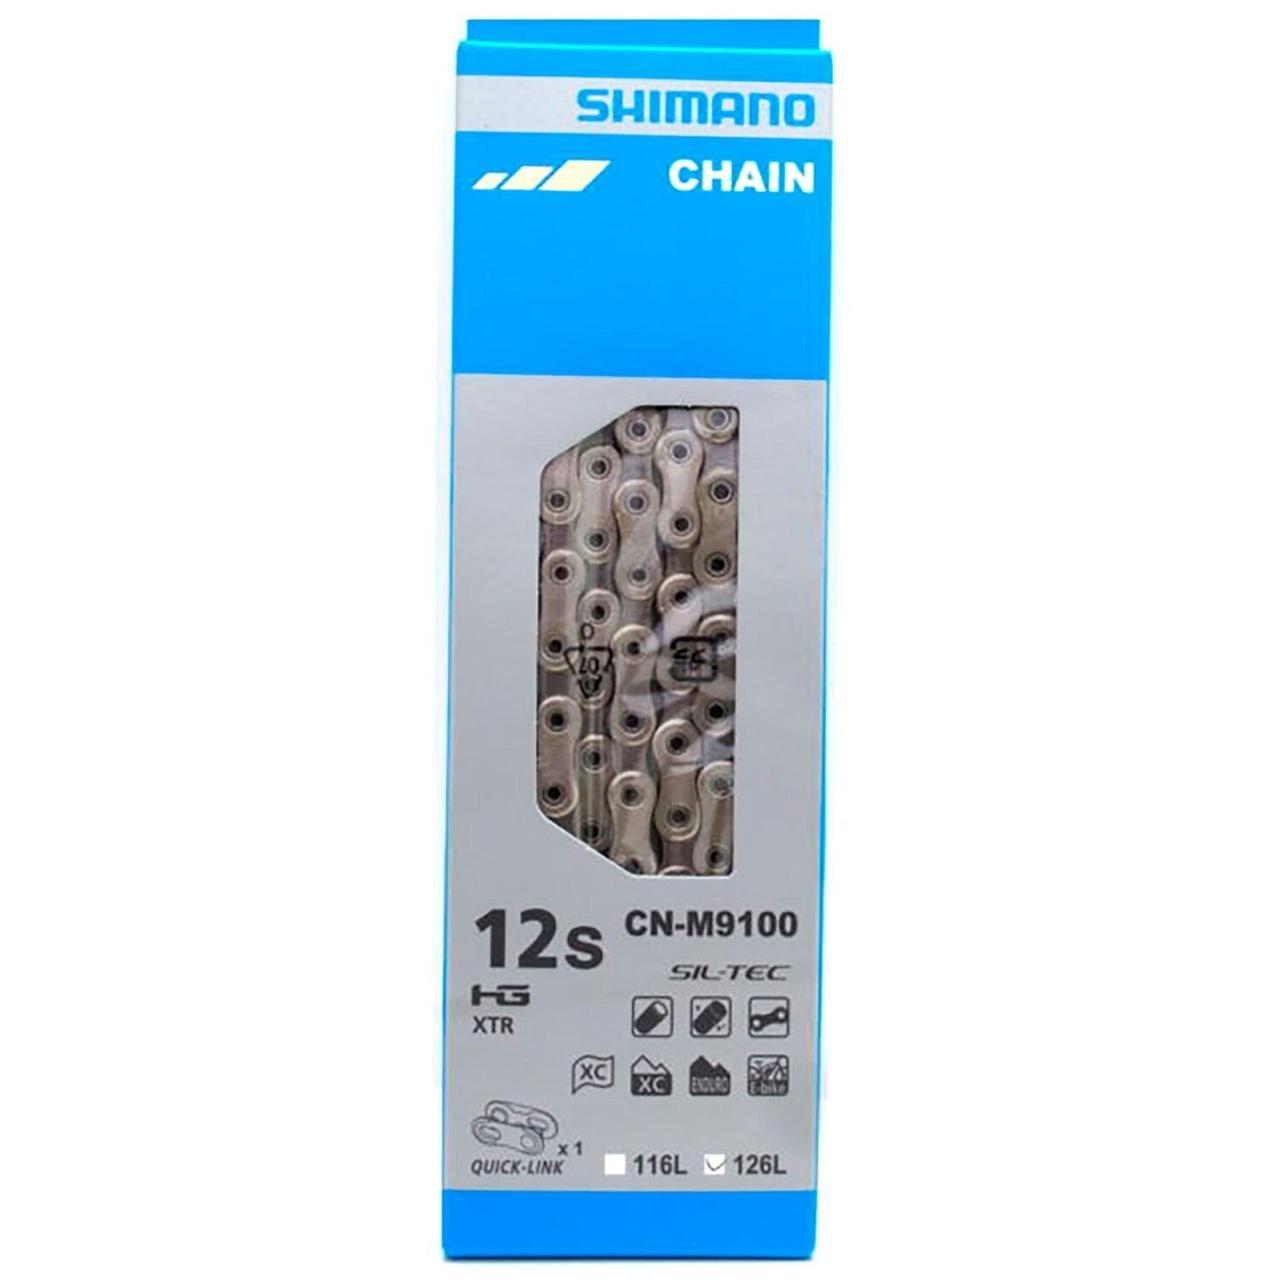 Велосипедная цепь Shimano CN-M9100 XTR, 126 звеньев, SIL-TEC 12 скоростей + QUICK-LINK BOX